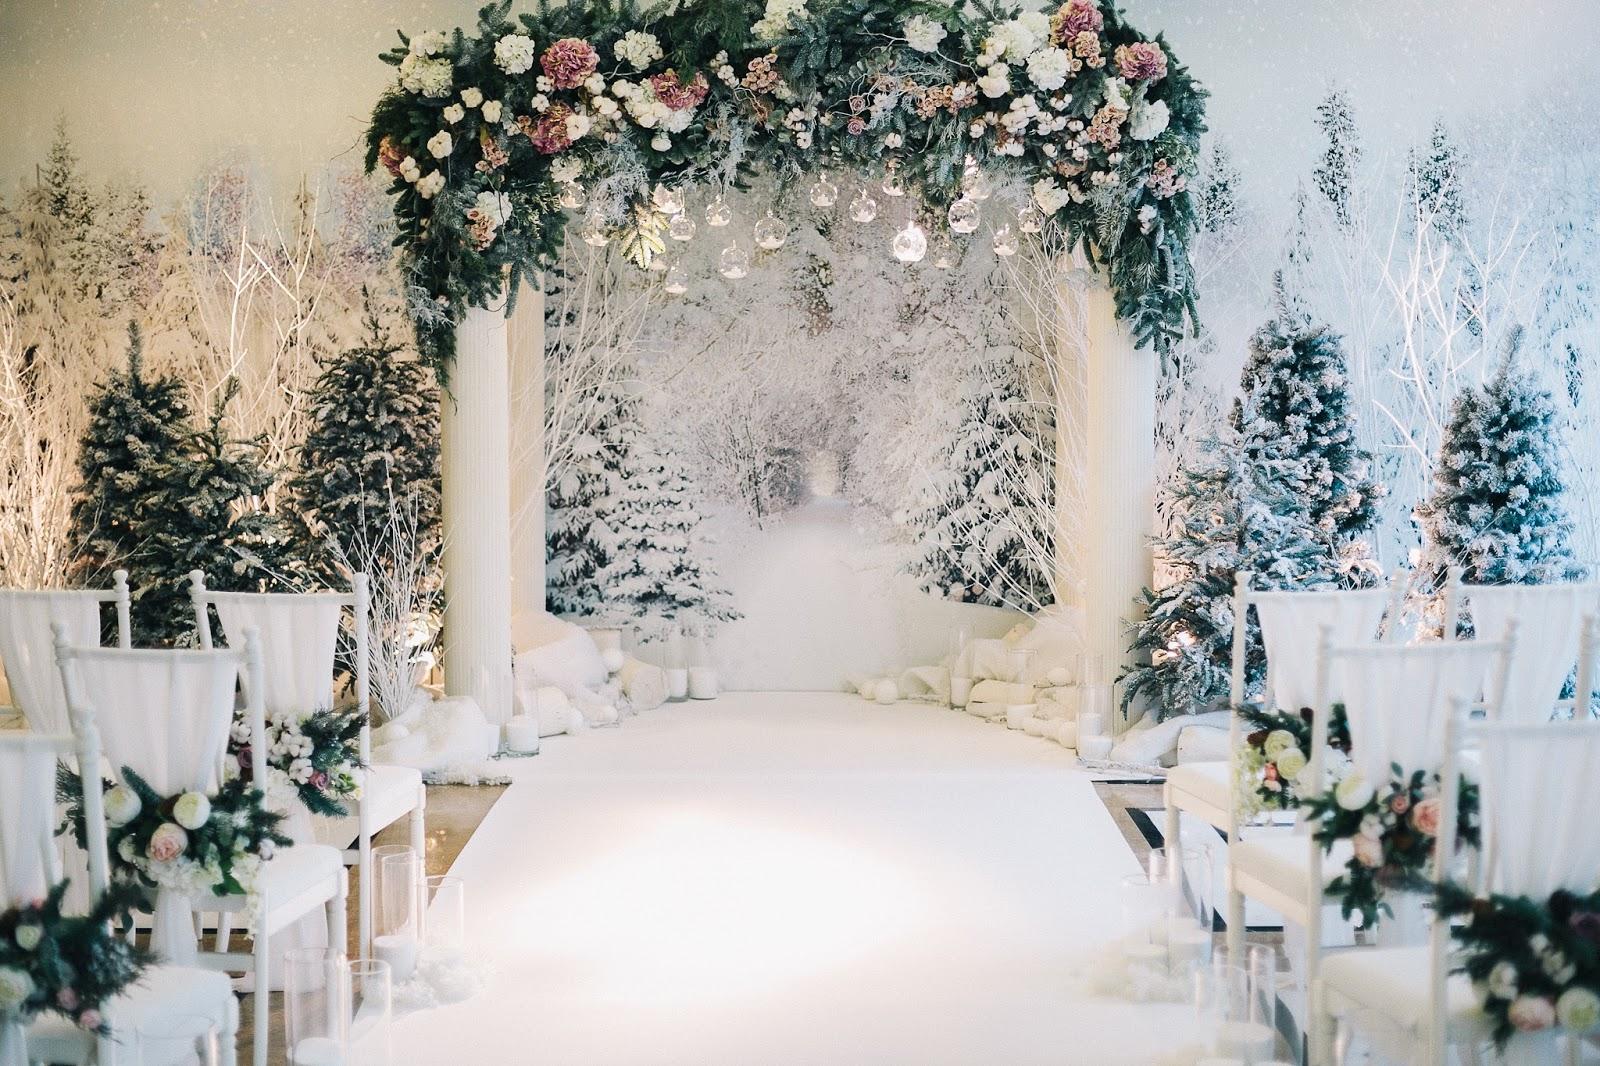 Dekoracje ślubu zimowego, Organizacja ślubu i wesela zimą, Zimowe Panny Młode, Zimowe inspiracje na ślub, Zimowy Ślub,